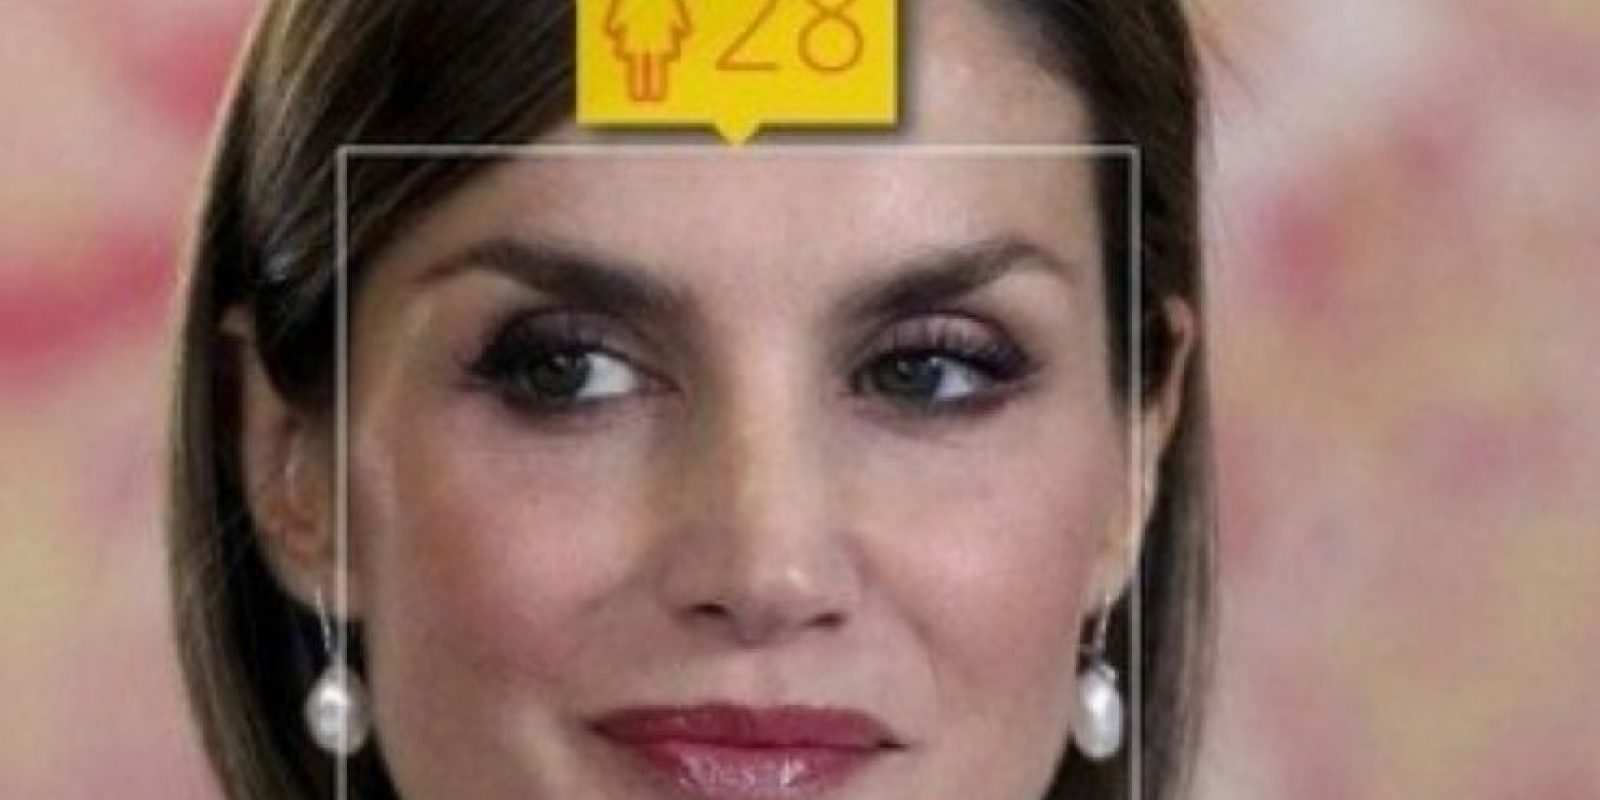 La princesa española Letizia Ortiz tiene 42 años de edad. Foto:how-old.net